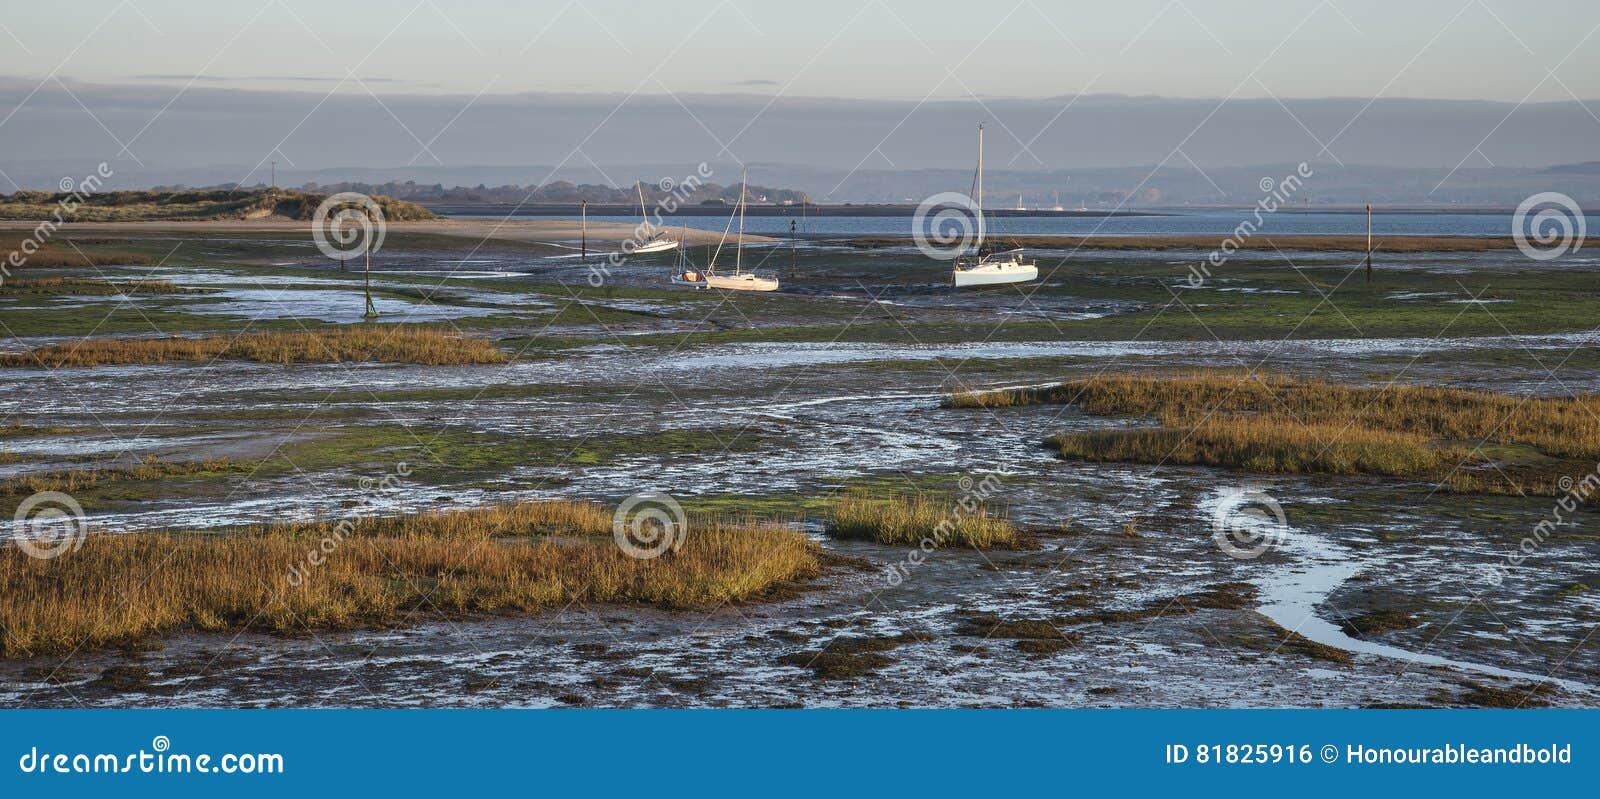 Boten in eb mudflats van lege haven bij zonsopgang